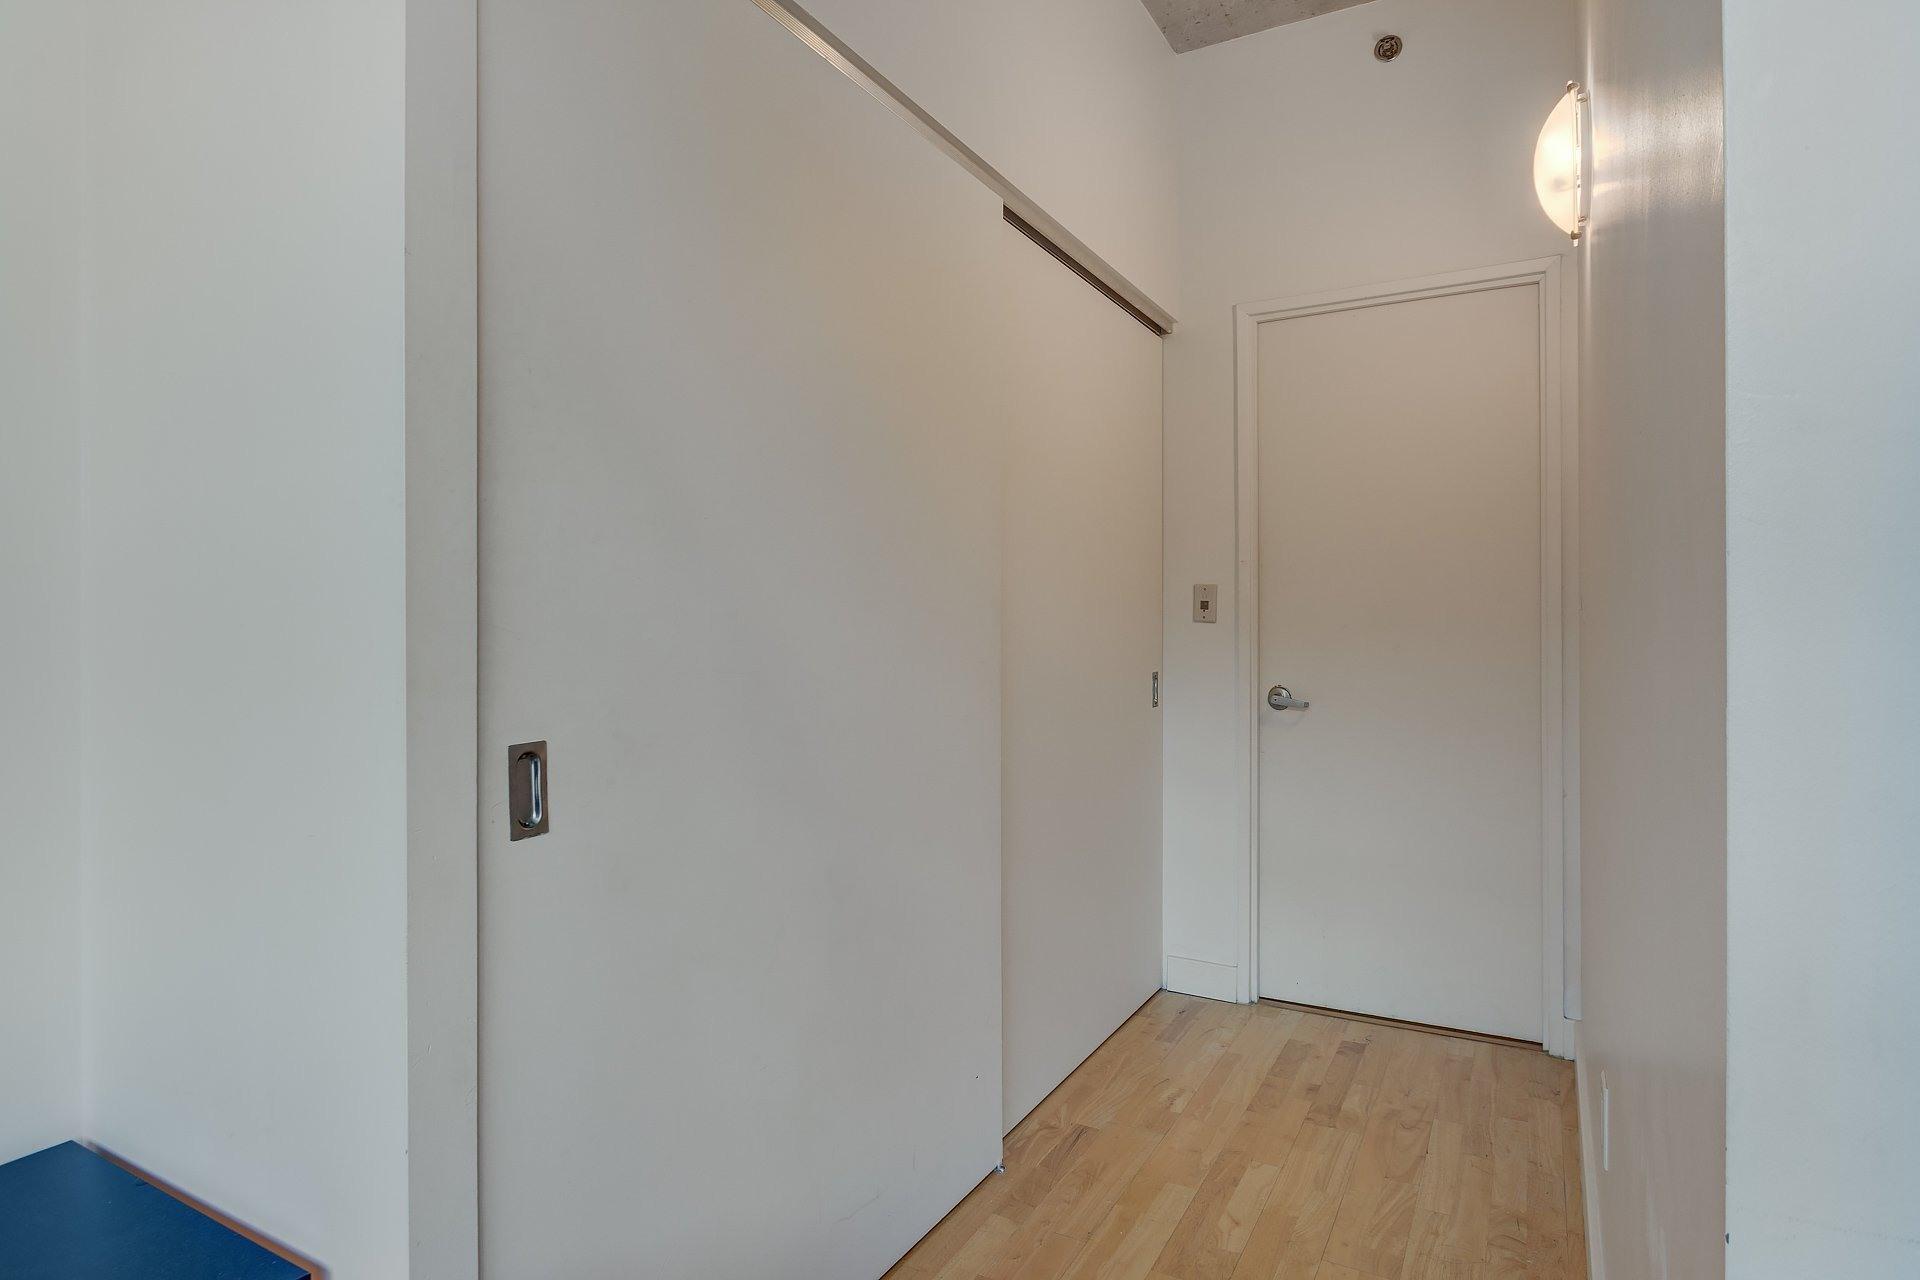 image 16 - Apartment For rent Ville-Marie Montréal  - 3 rooms